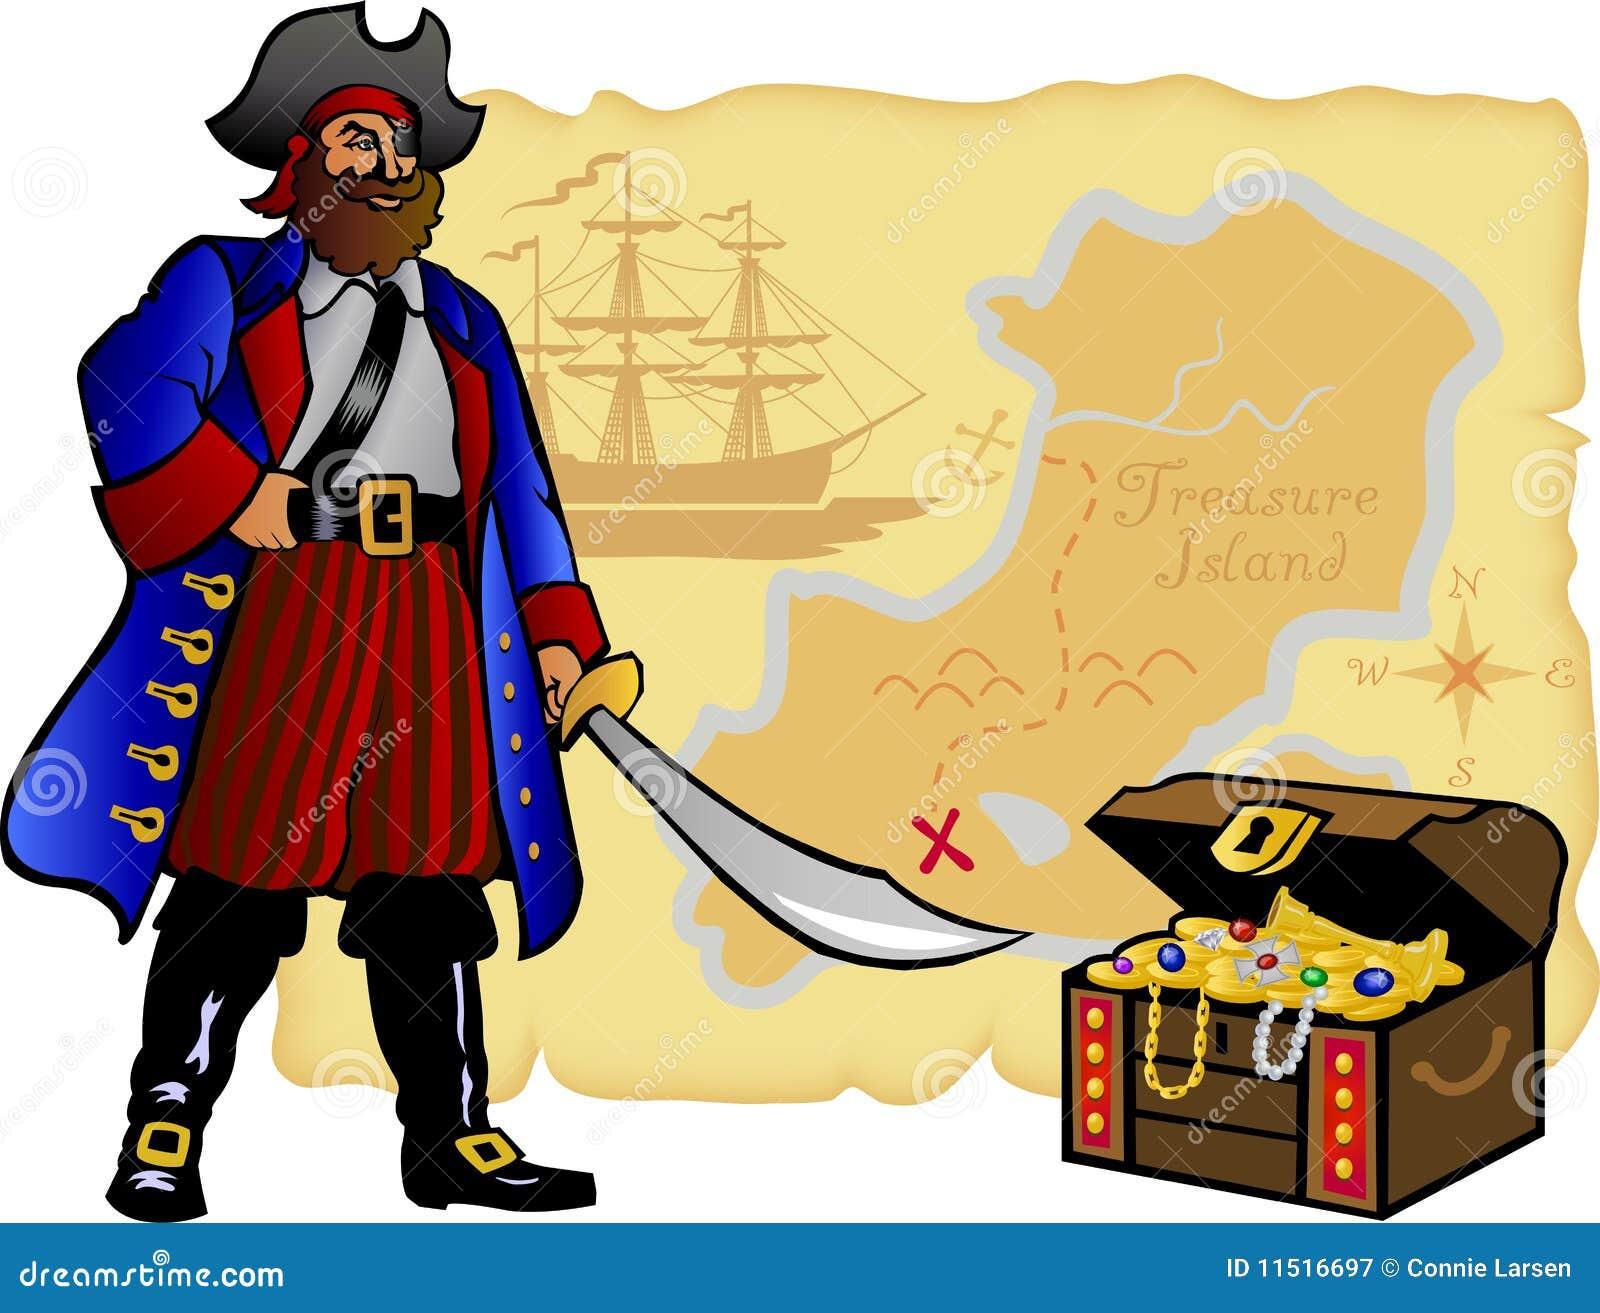 Coffre de pirate de carte et de tr sor env illustration - Dessin de coffre de pirate ...